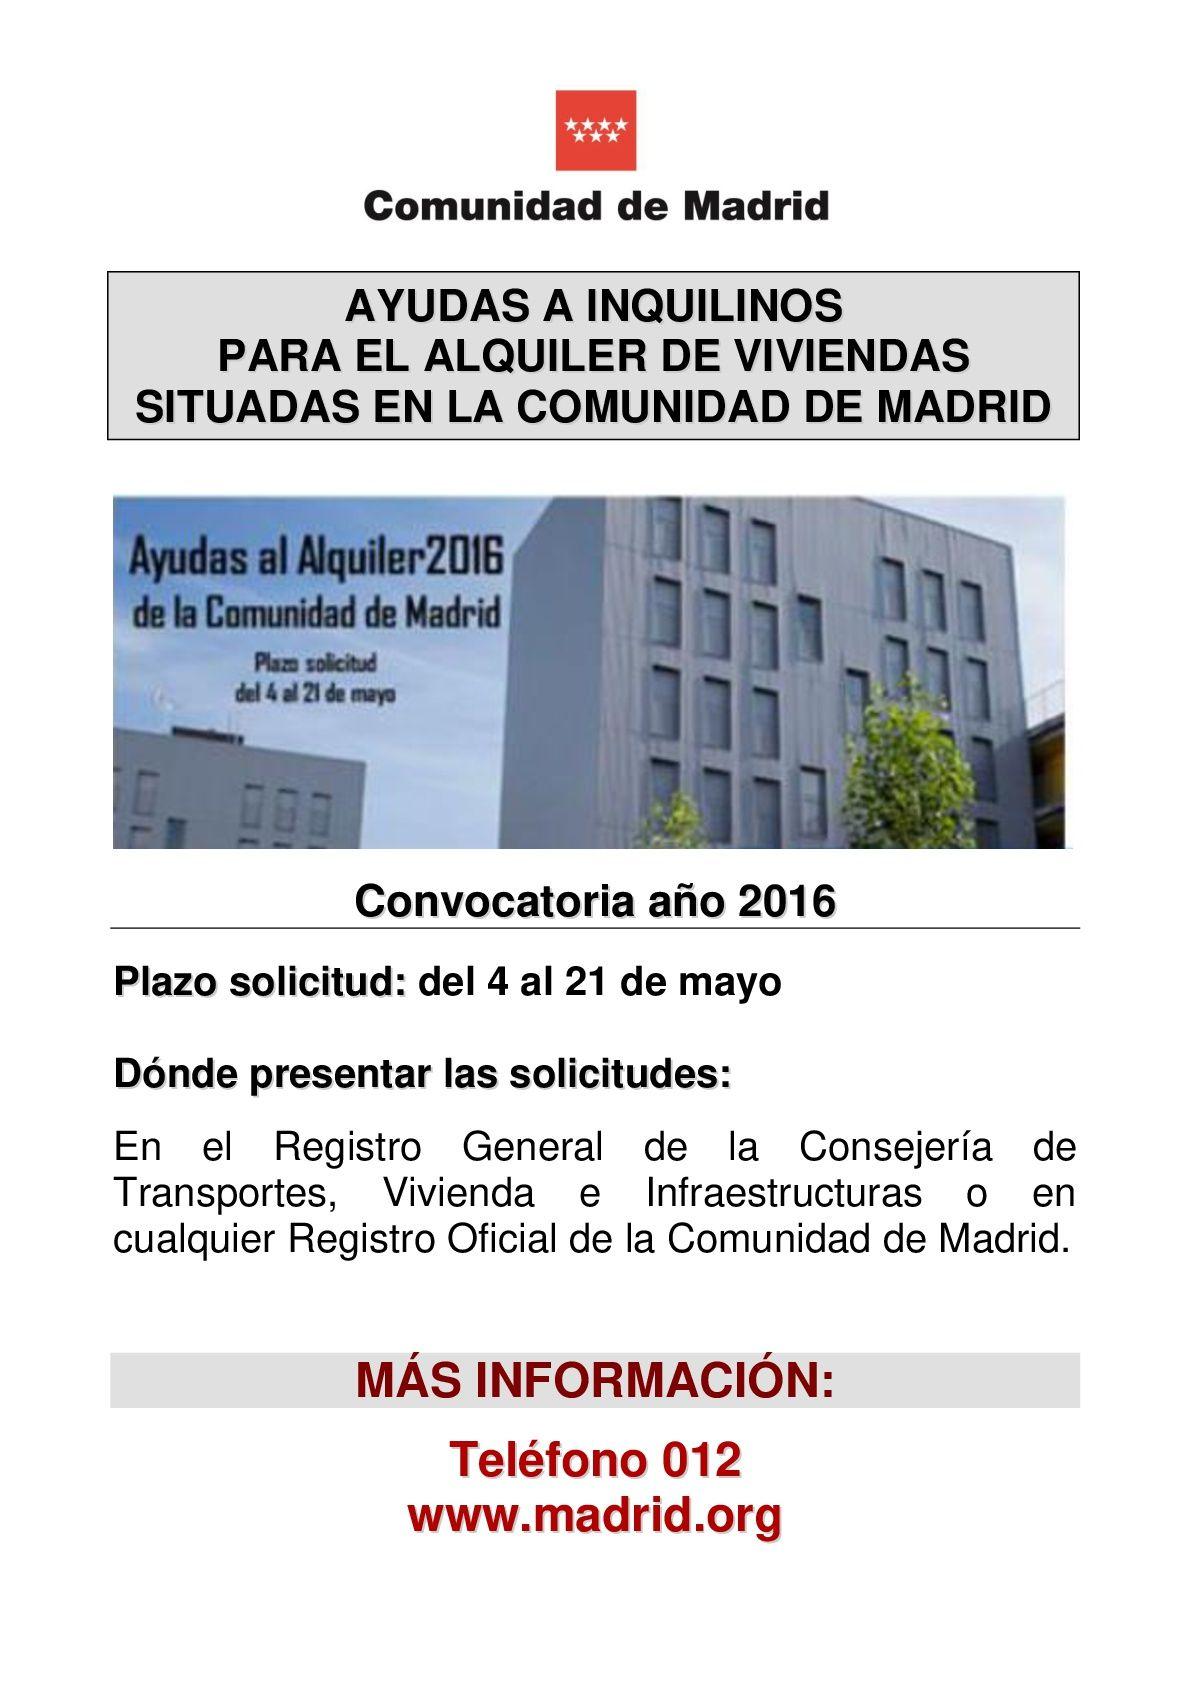 Ayudas Al Alquiler 2016 En La Comunidad De Madrid Ayuntamiento De